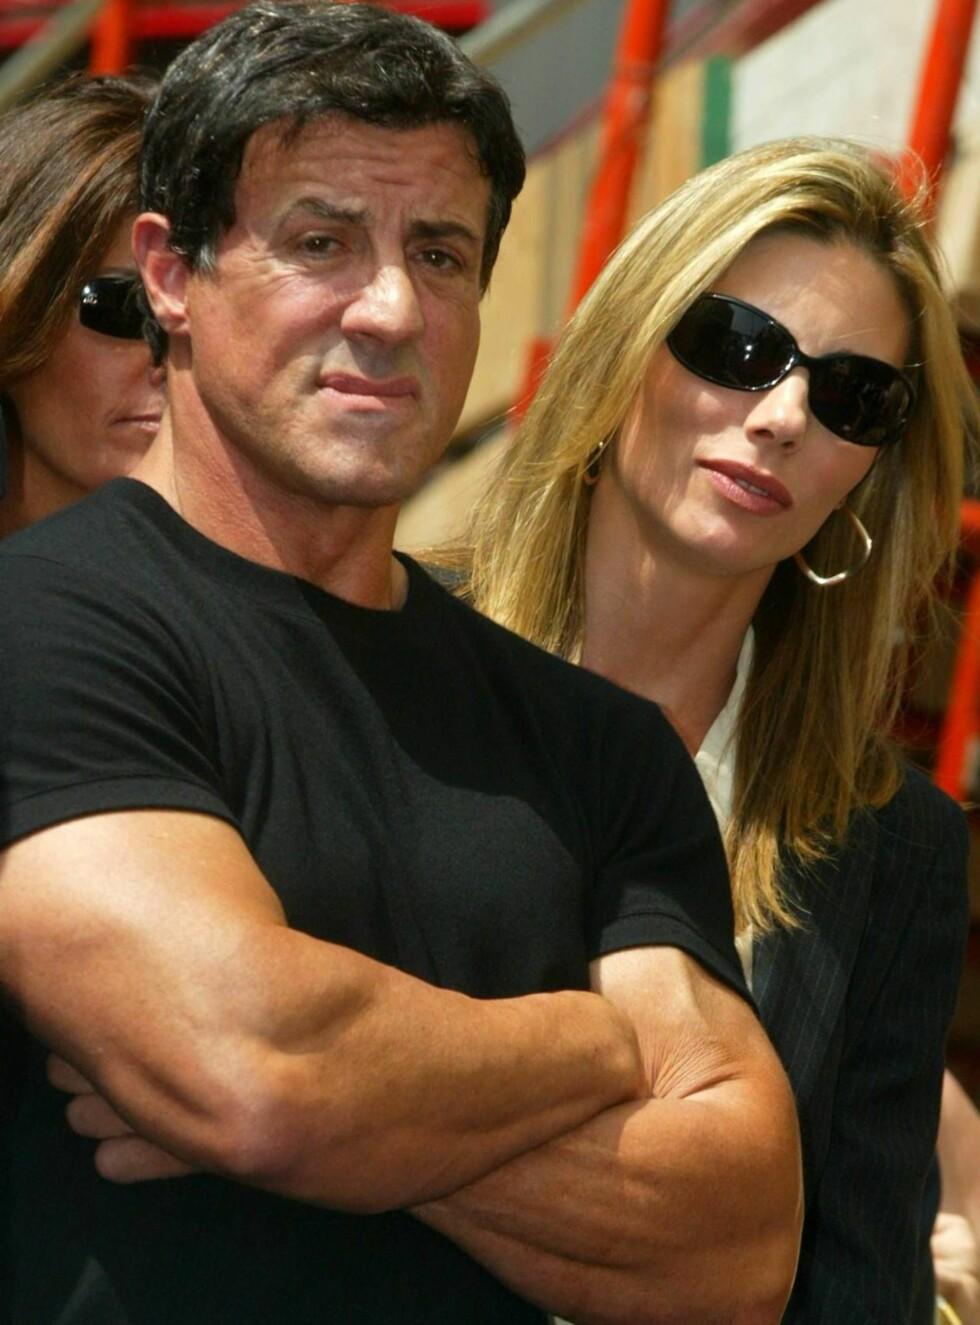 SØLIBAT: Innspillingen av Rocky 6 har ført til lite sengekos for Sylvester Stallone og kona Jennifer Flavin. Foto: All Over Press